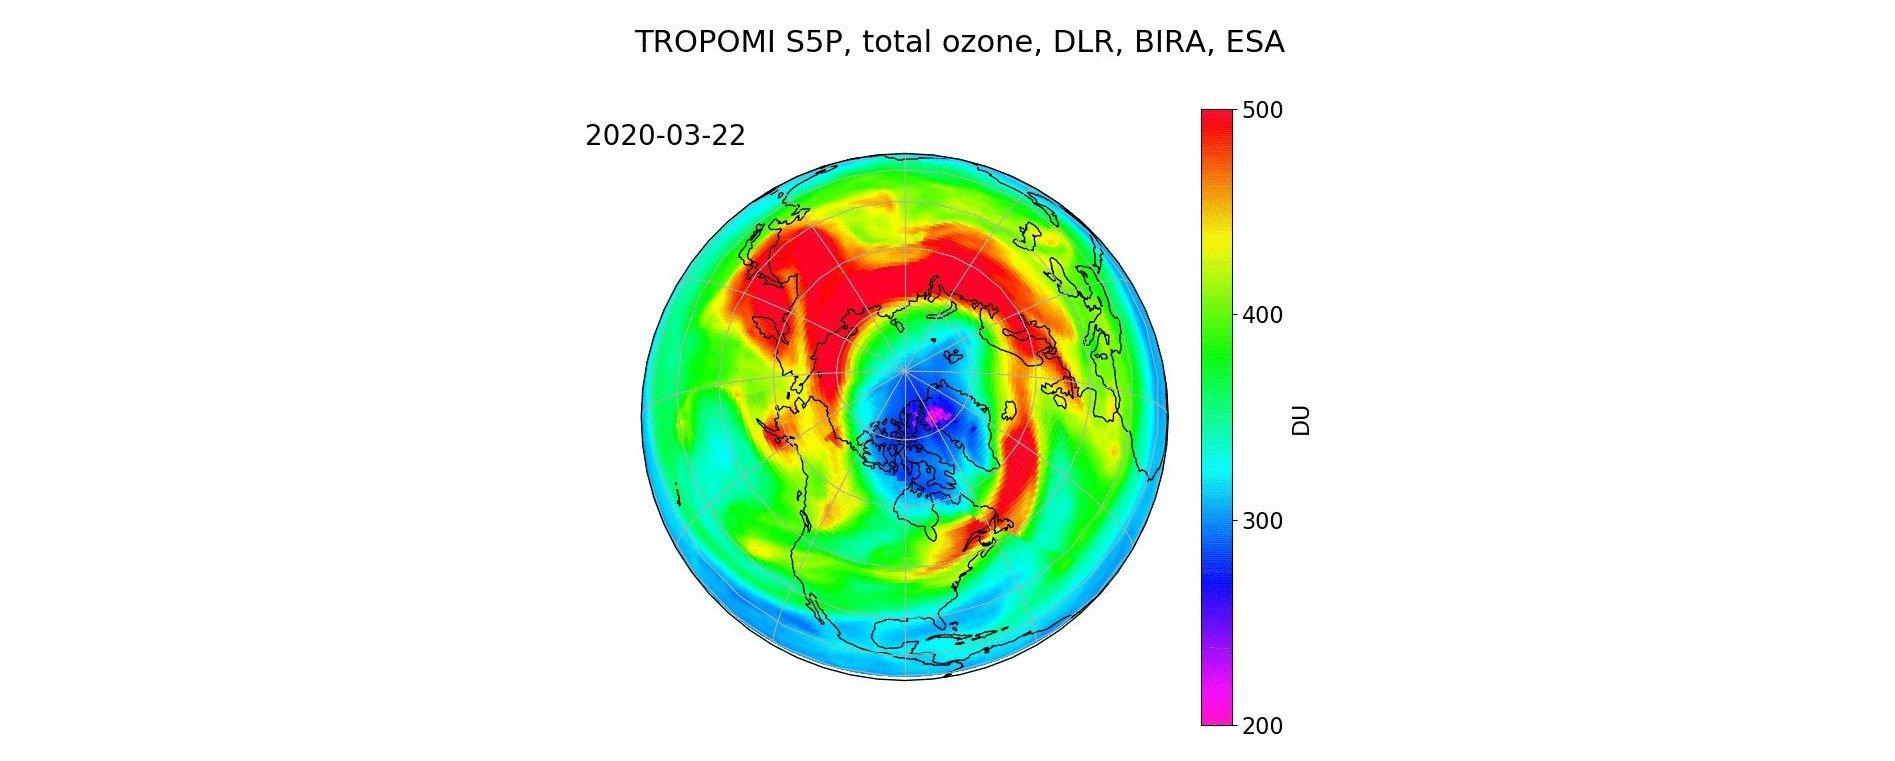 März 2020: Ozonloch in der Arktis Bild 2/2, Credit: DLR/BIRA/ESA